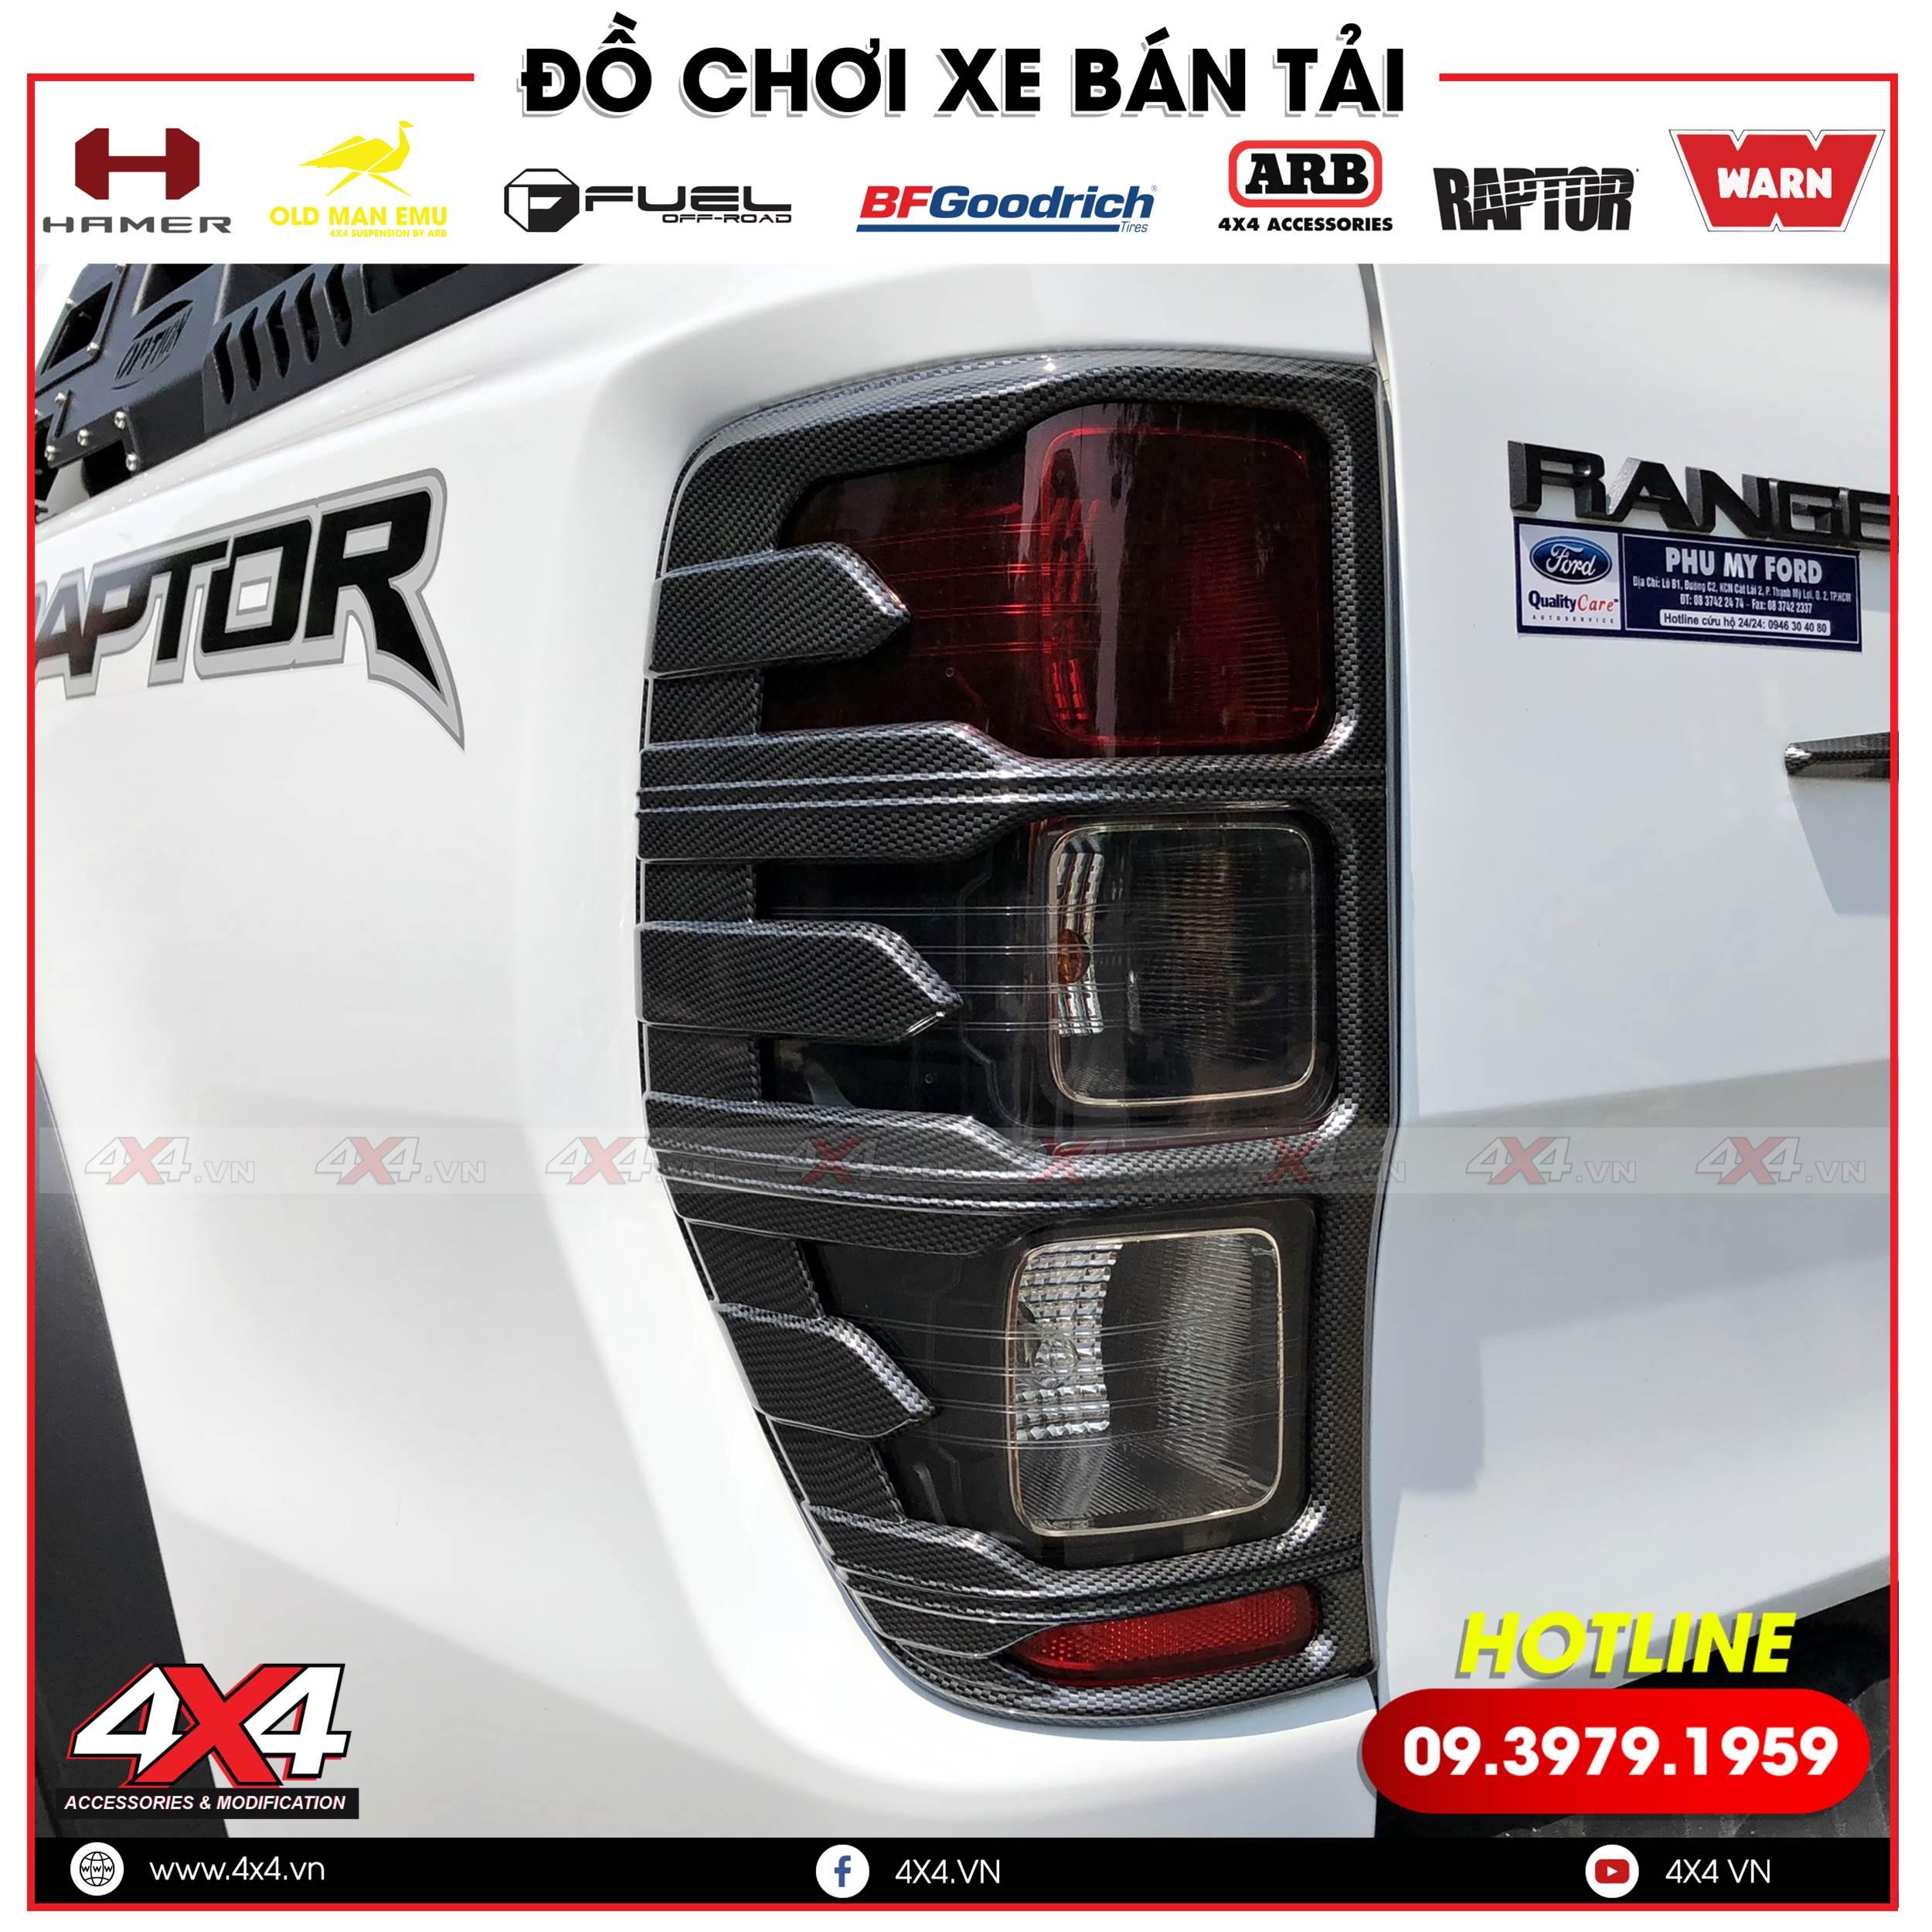 Ốp viền đèn hậu màu carbon độ đẹp sang trọng và cứng cáp cho xe bán tải Ford Ranger